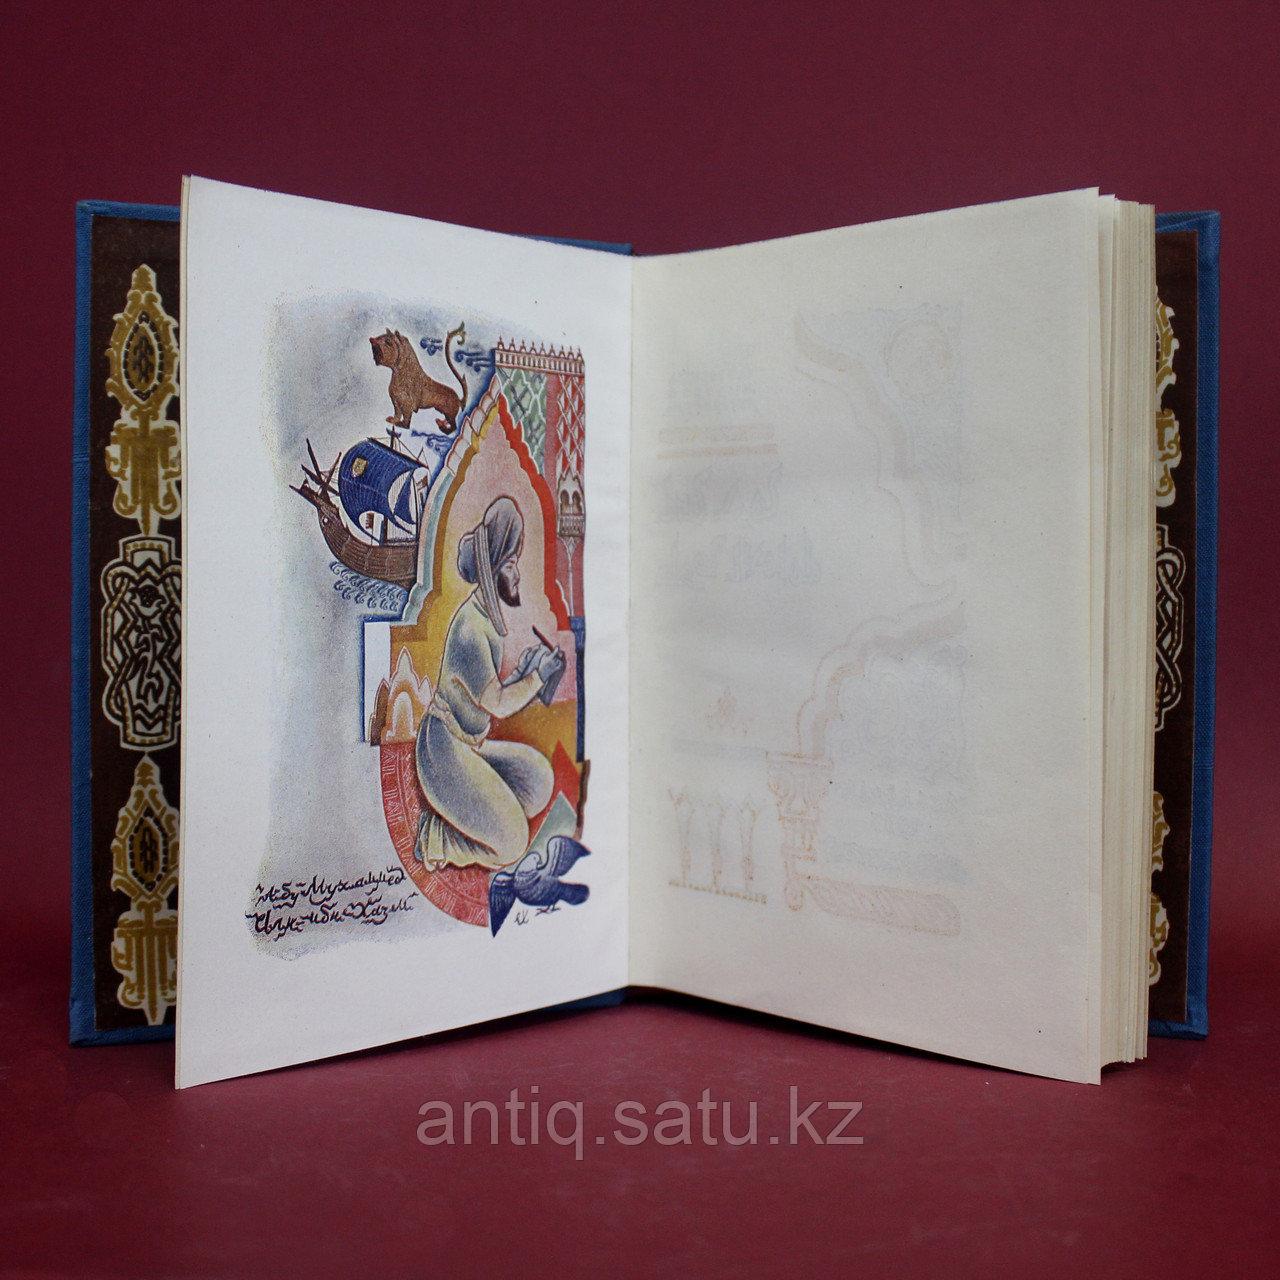 ОЖЕРЕЛЬЕ ГОЛУБКИ Автор - Ибн Хазм. - фото 3